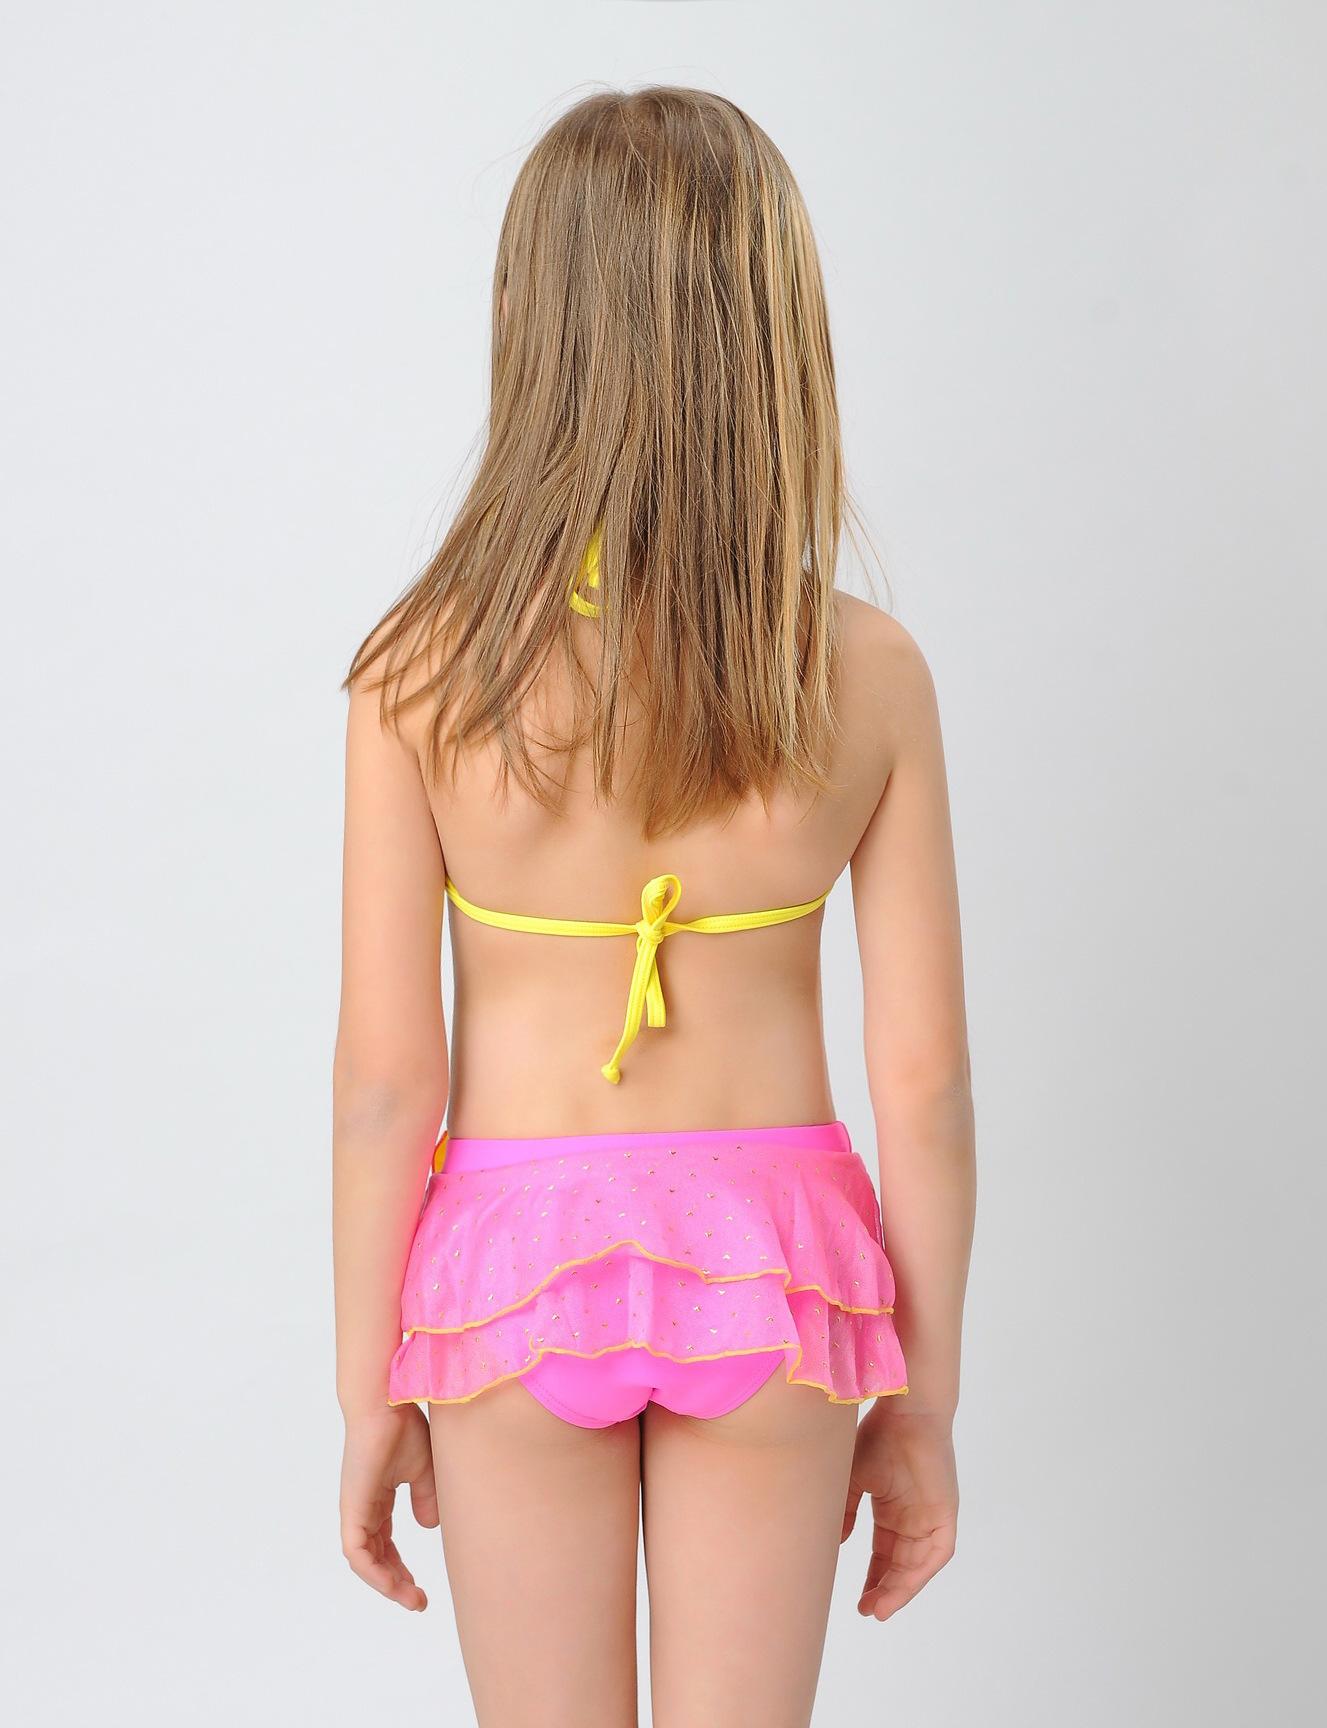 Girls in Sexy Wet Thongs @ Bravo Thongs